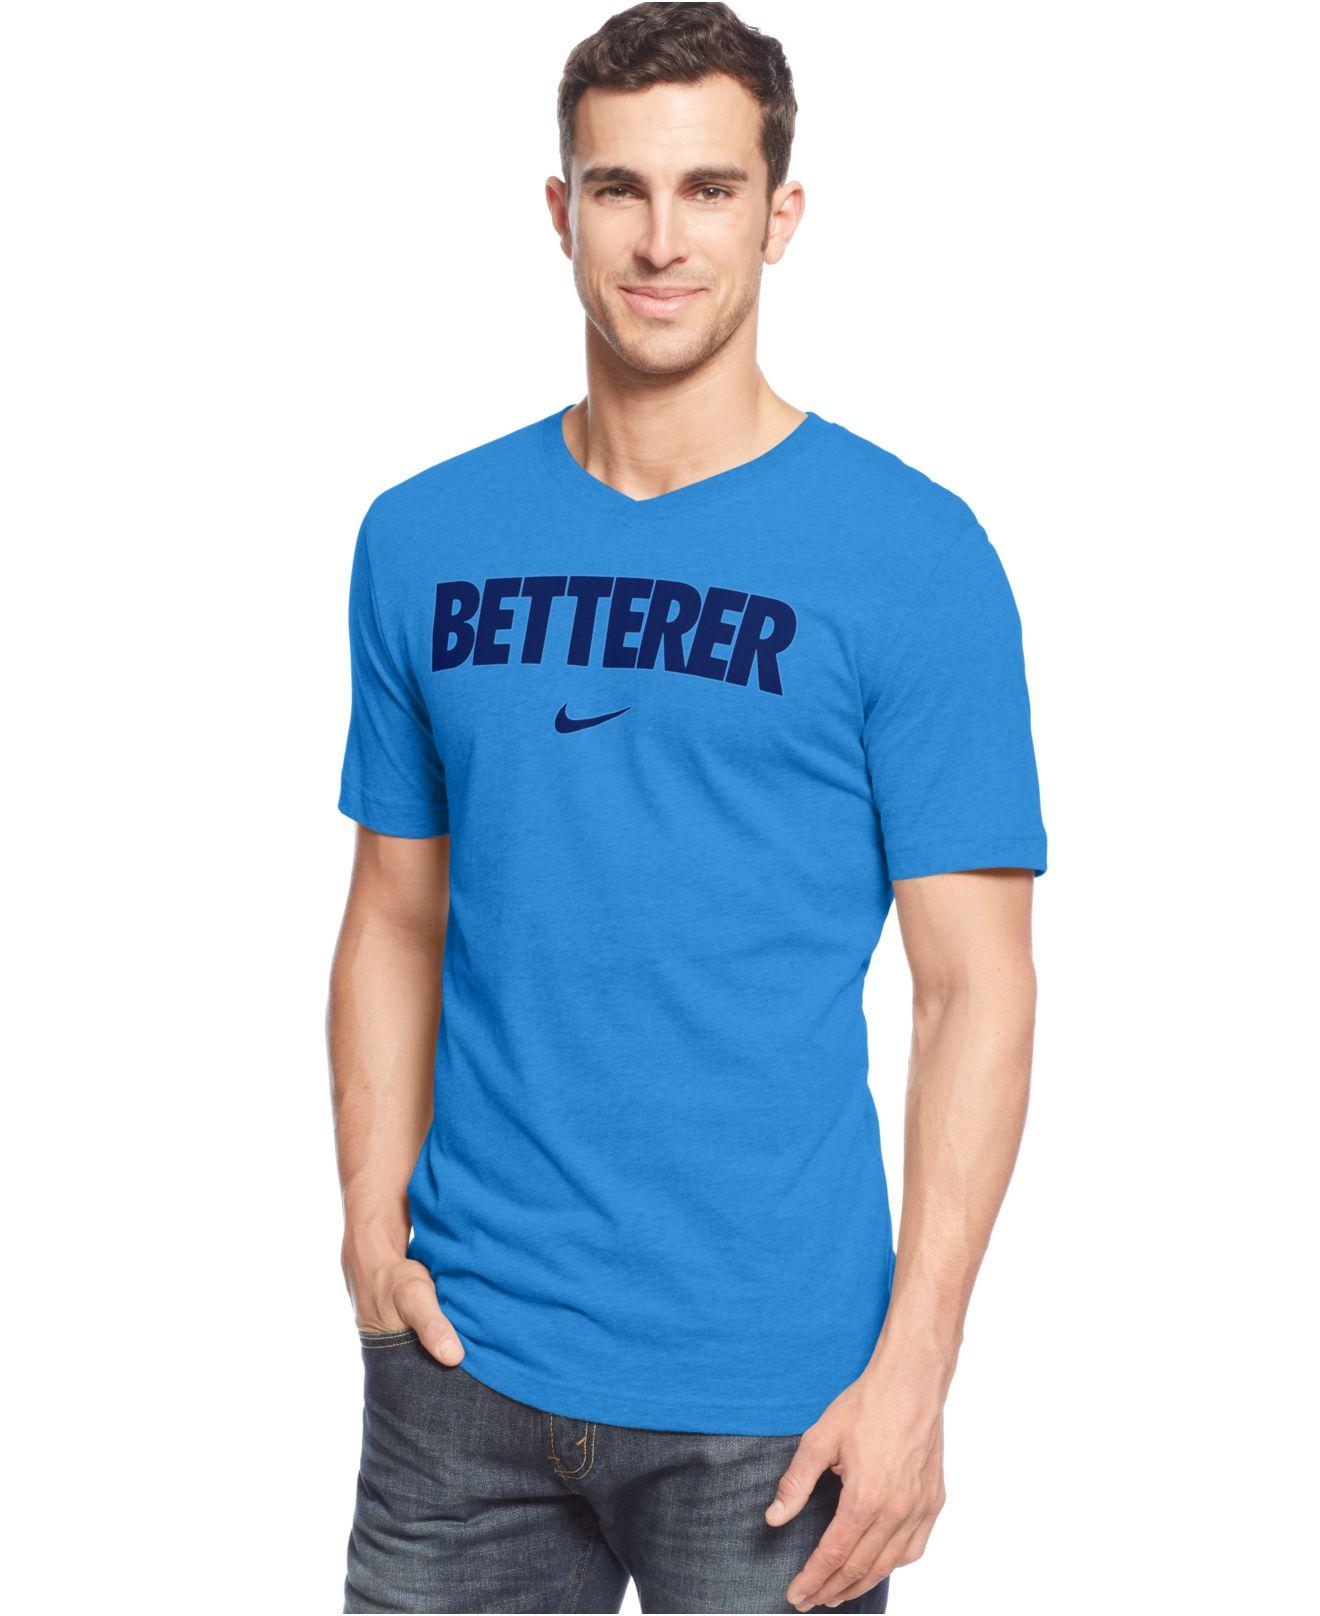 Lyst - Nike Roger Federer Betterer V-Neck T-Shirt in Blue for Men e303a264e